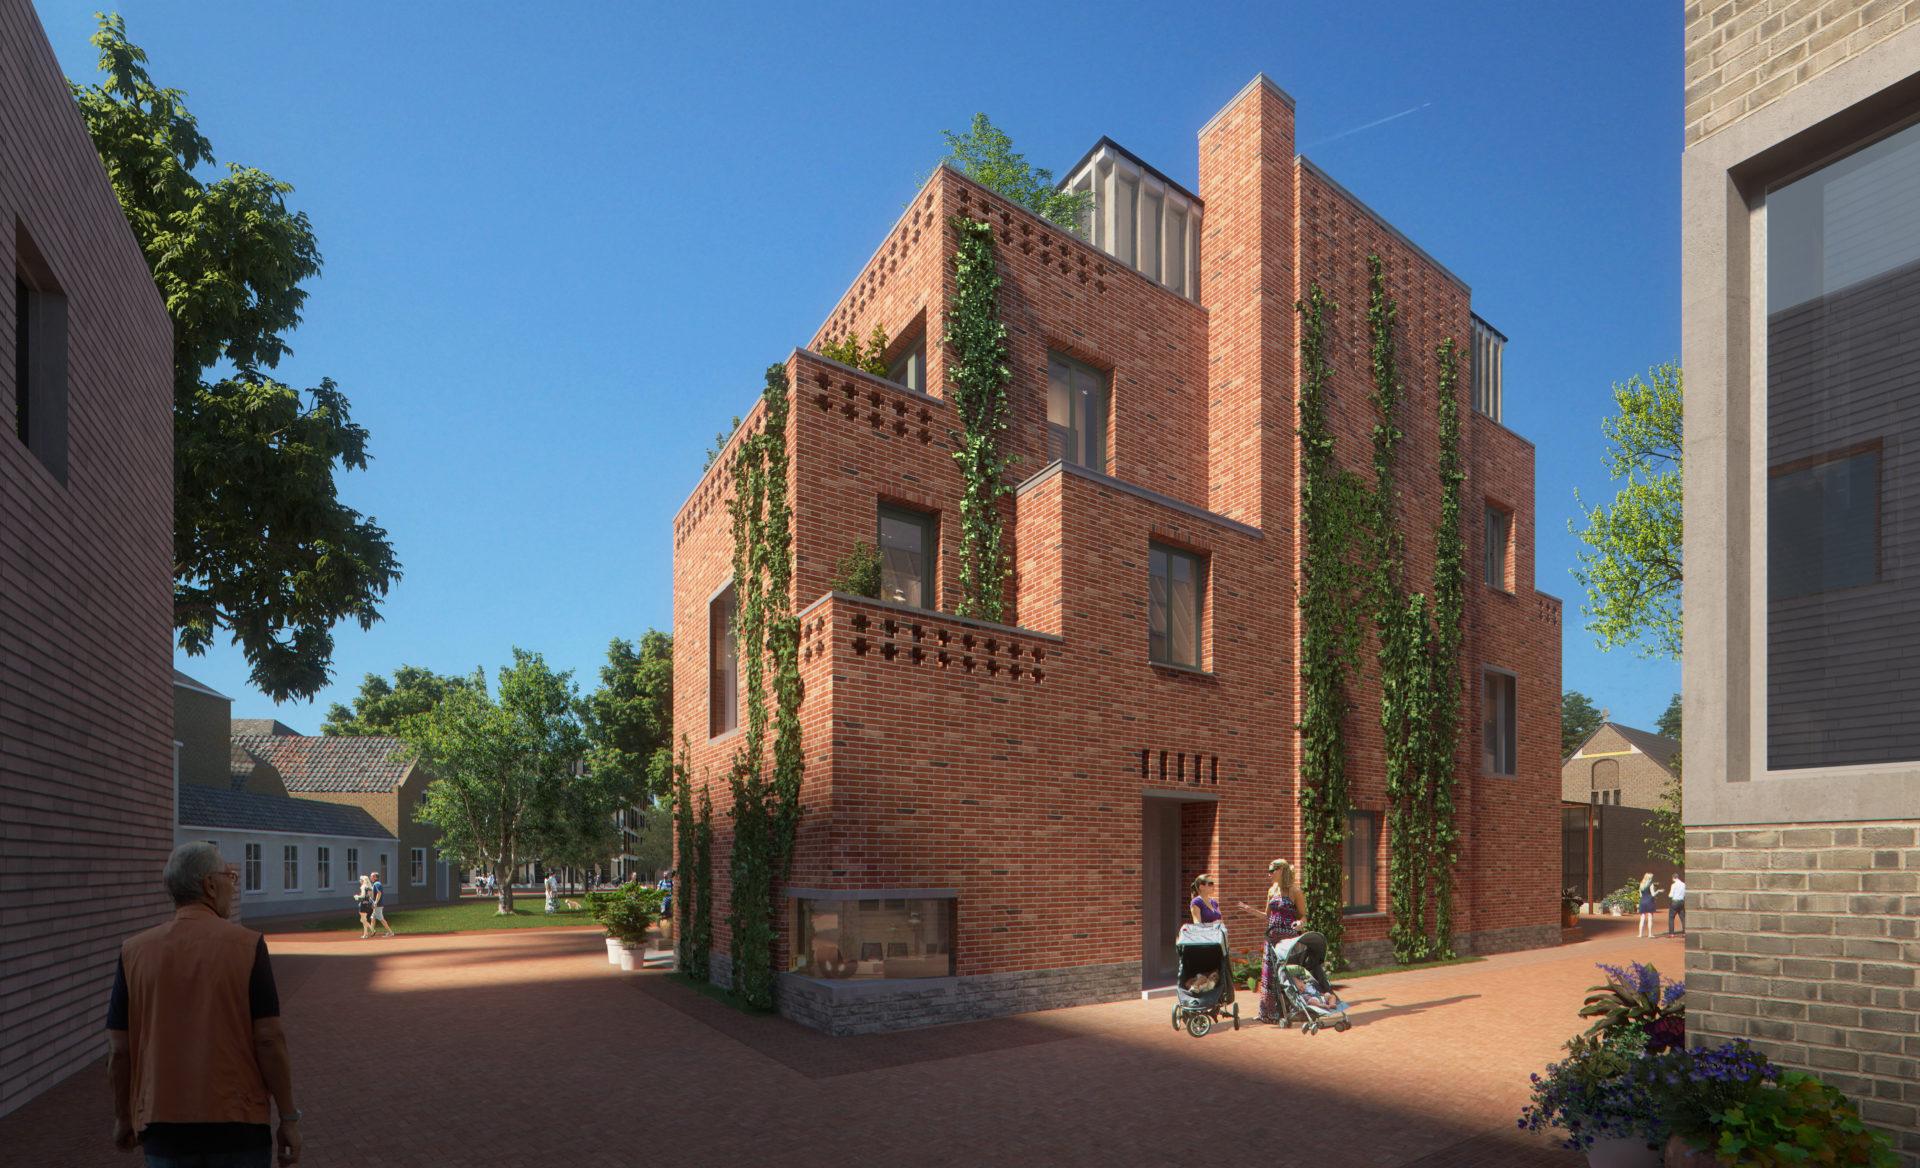 Nieuwbouw 2 park villa's 's-Hertogenbosch